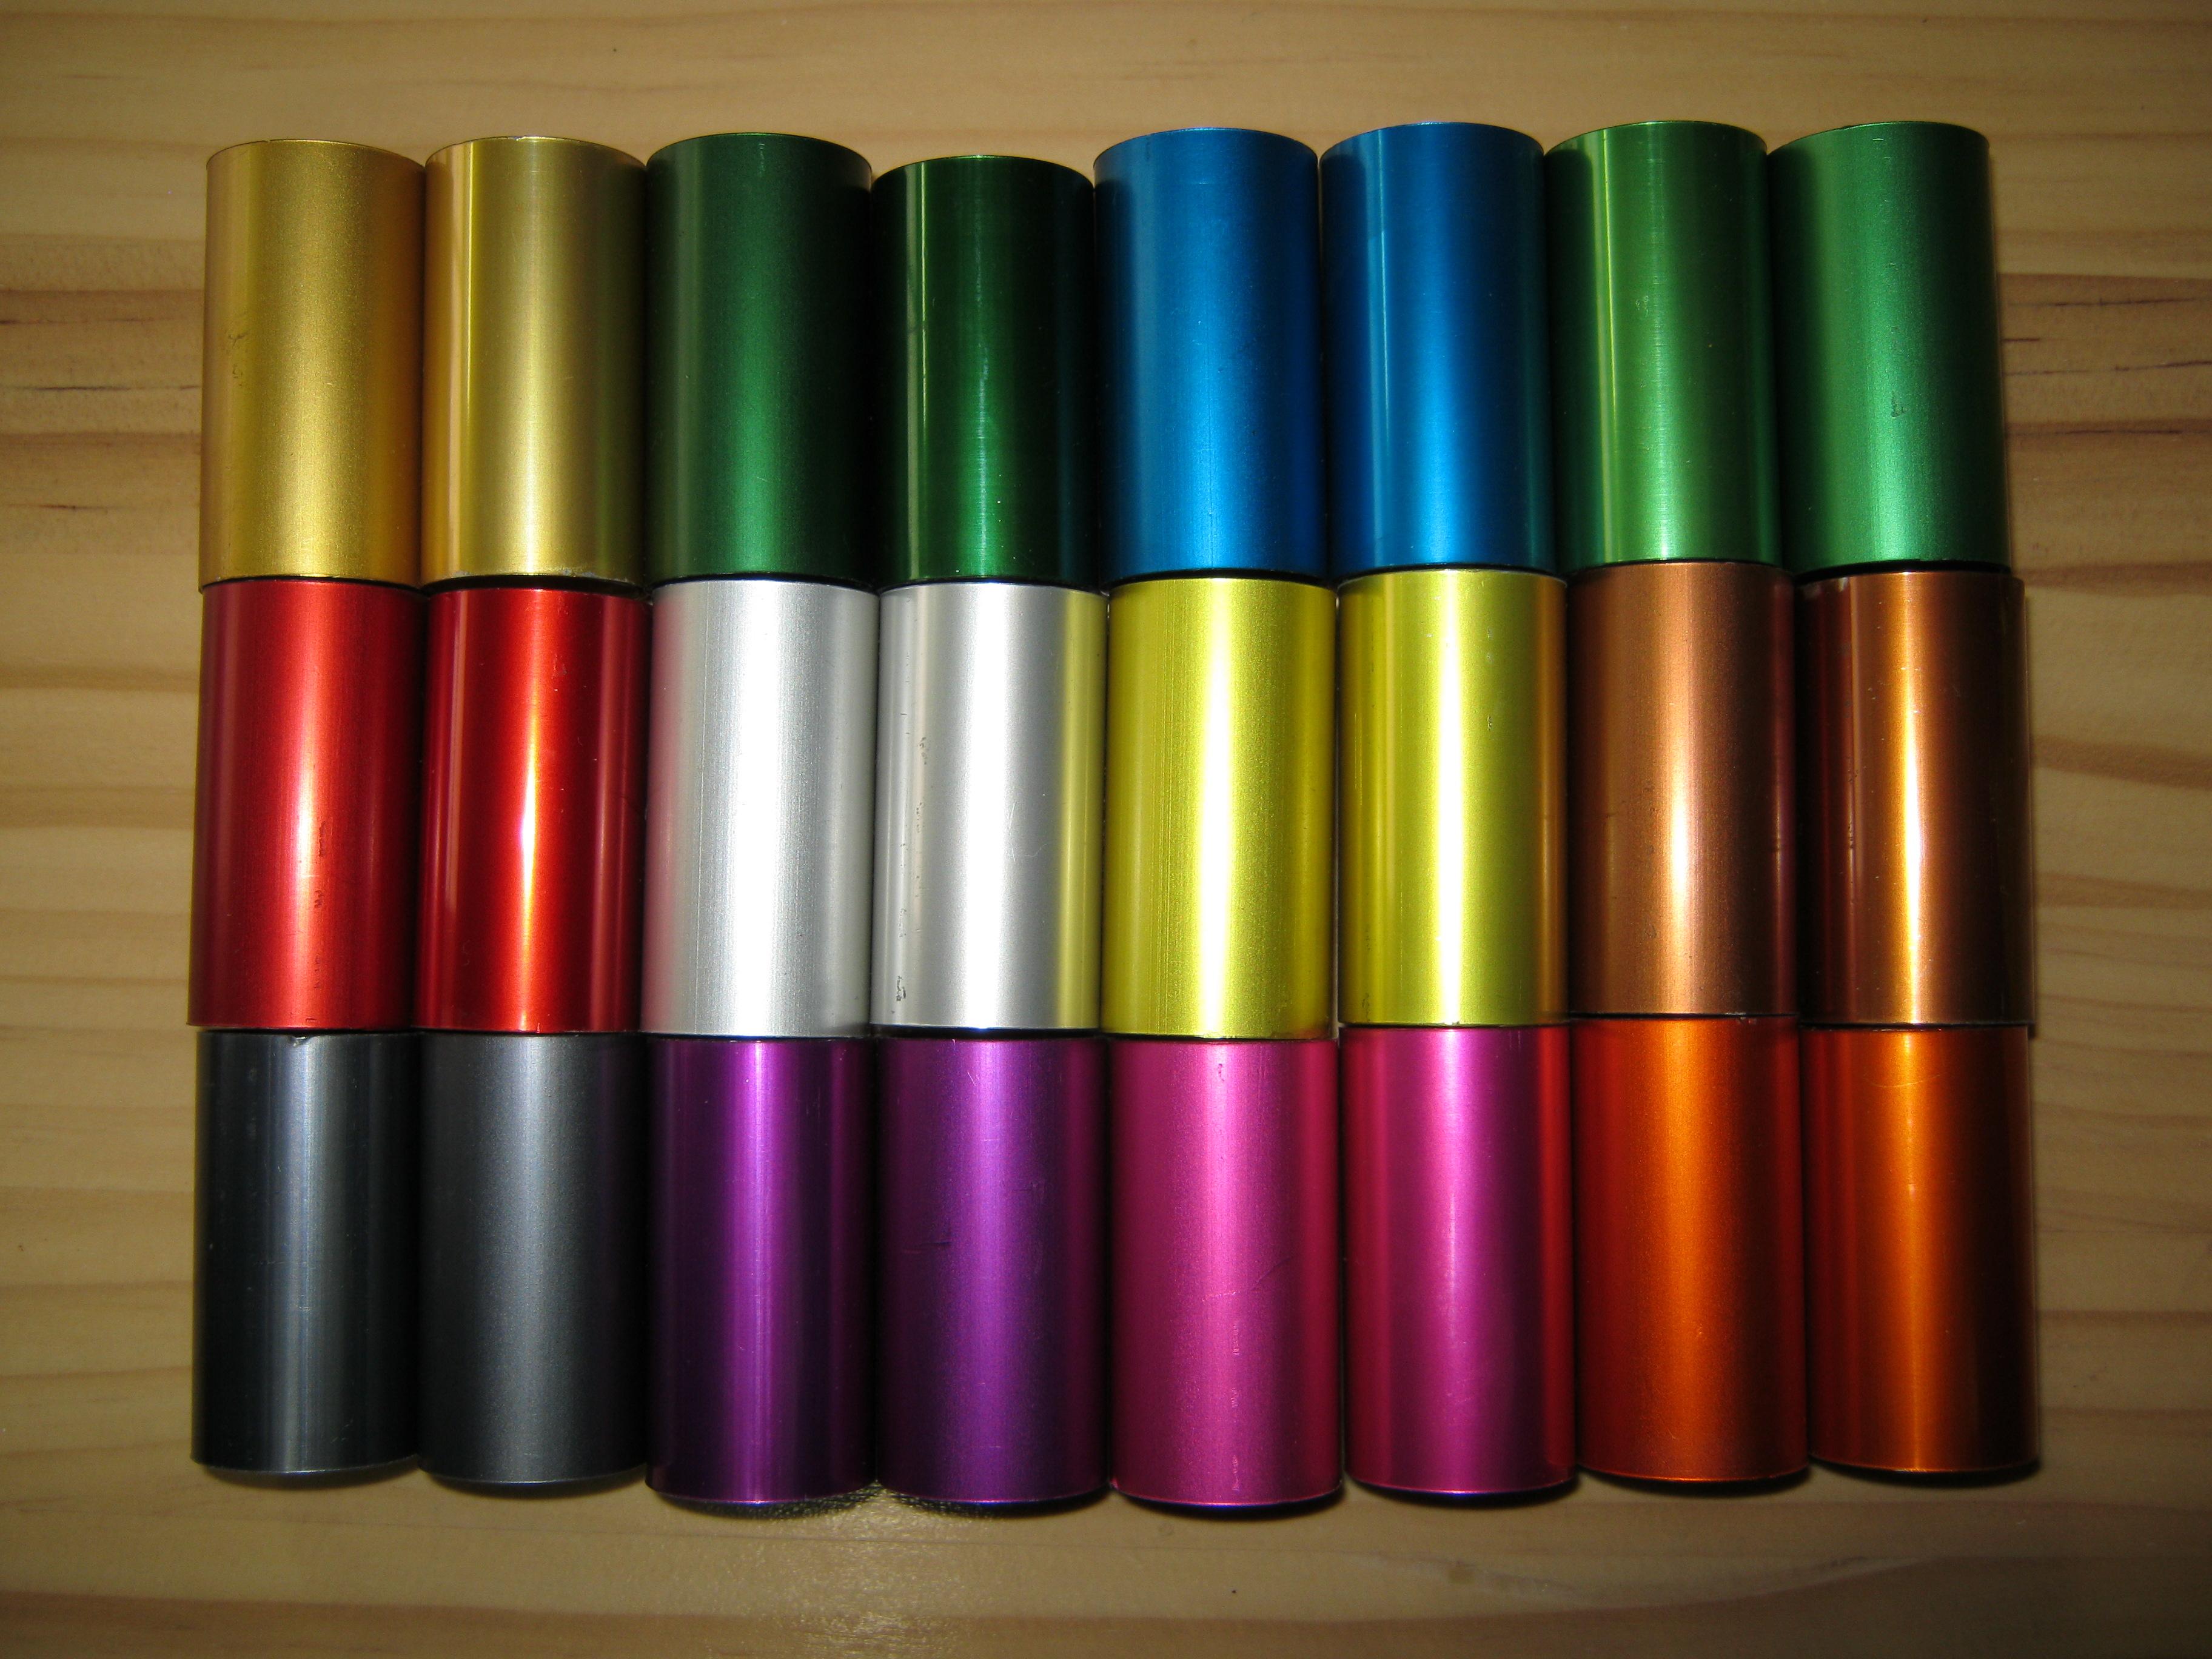 Sample colours 1 sample colours 1 sample colours 2 sample colours